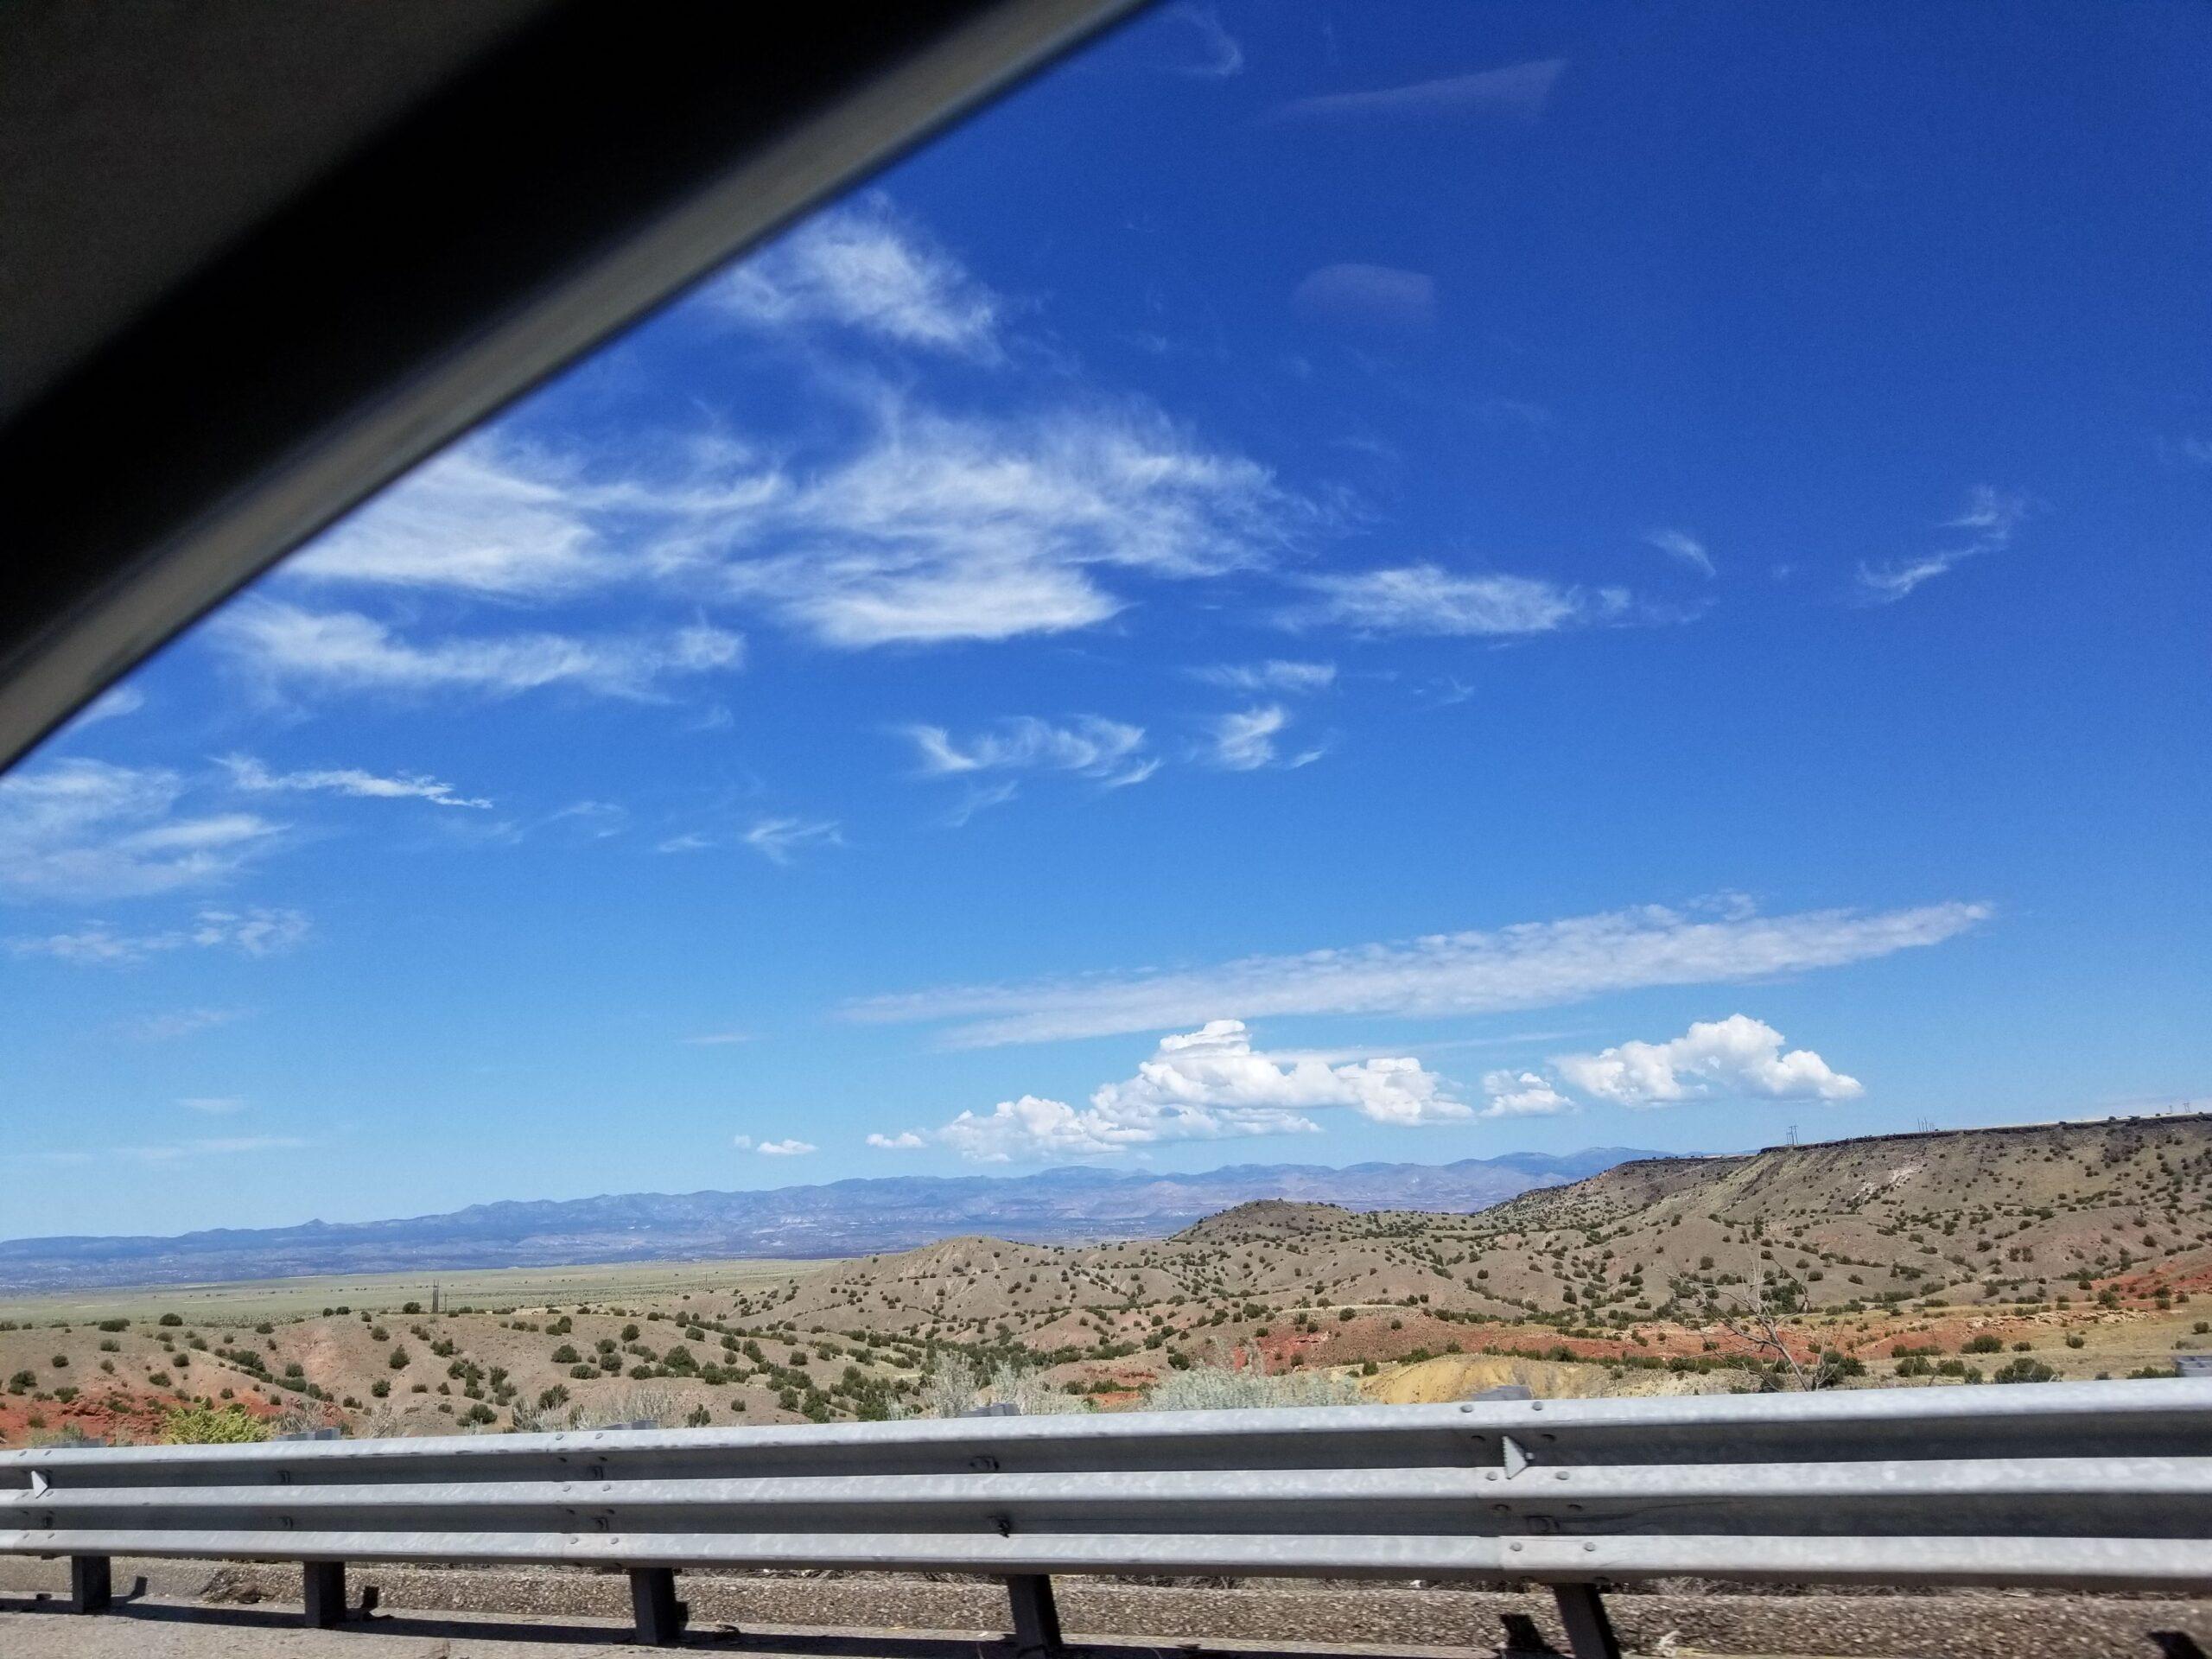 Driving down I25 between Santa Fe and Albuquerque